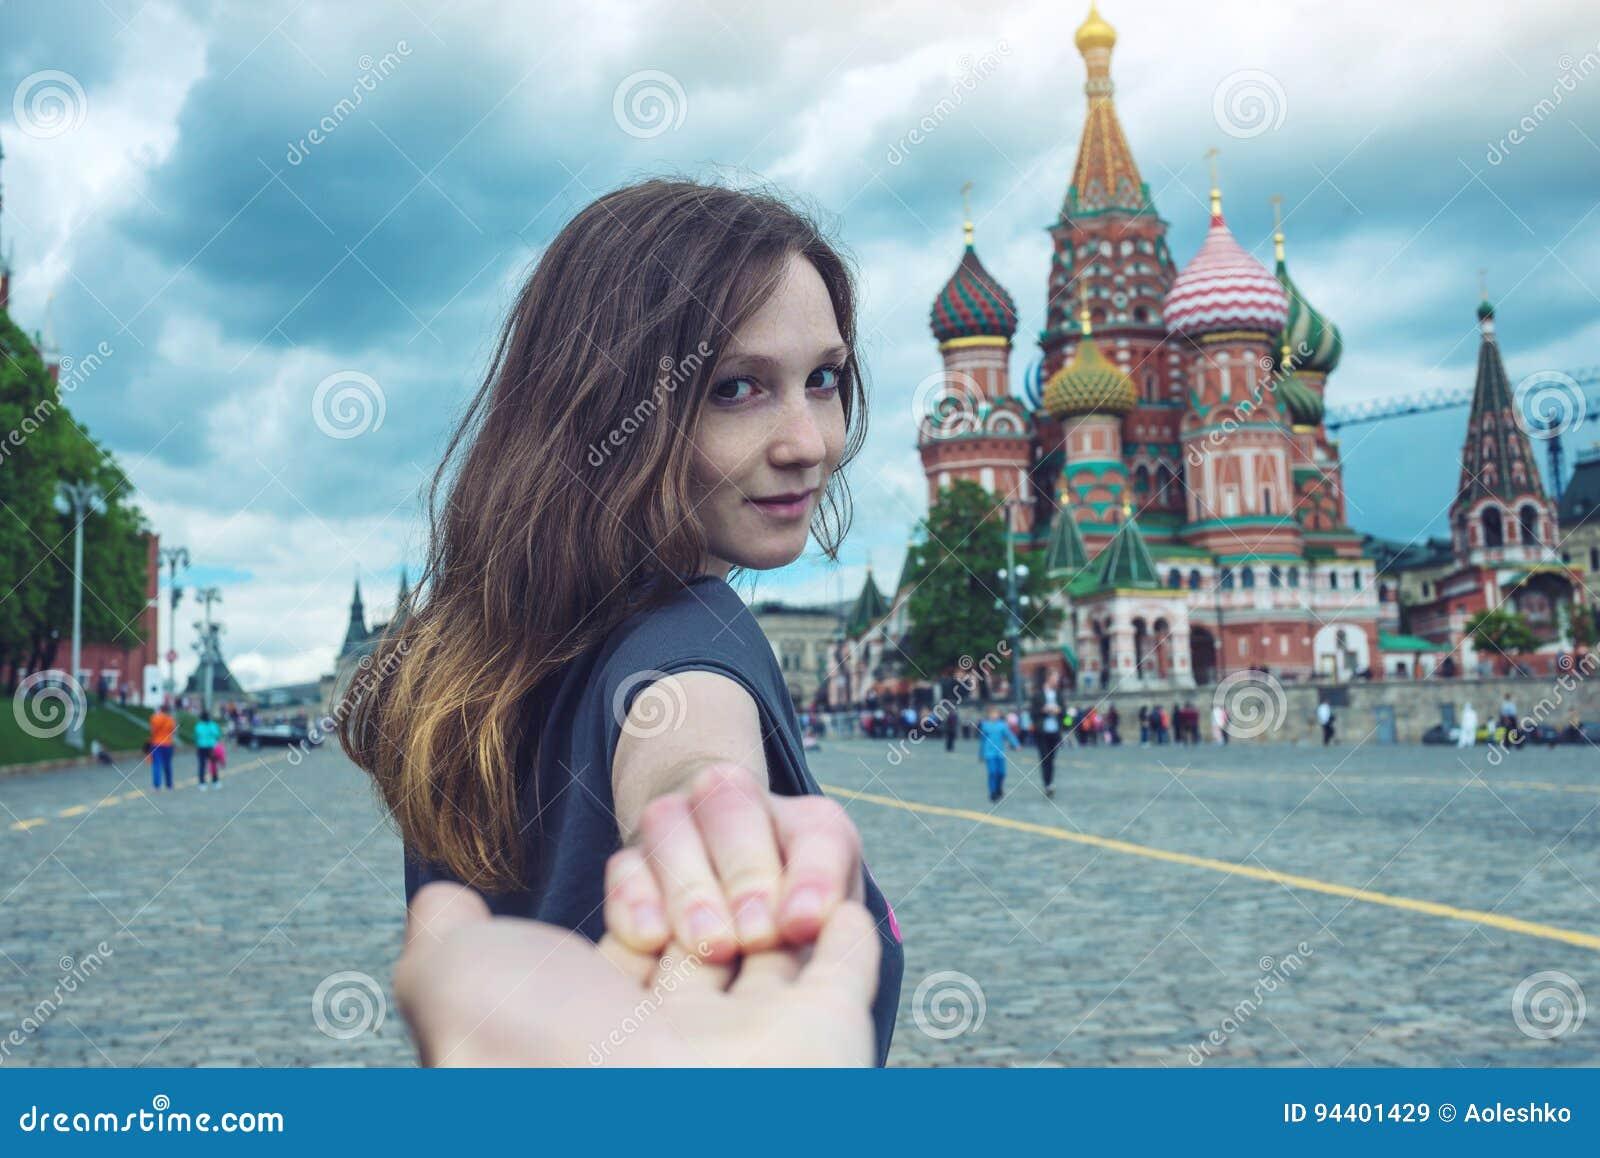 Με ακολουθήστε, ελκυστικό κορίτσι brunette που κρατά τους μολύβδους χεριών στο κόκκινο τετράγωνο στη Μόσχα Ρωσία